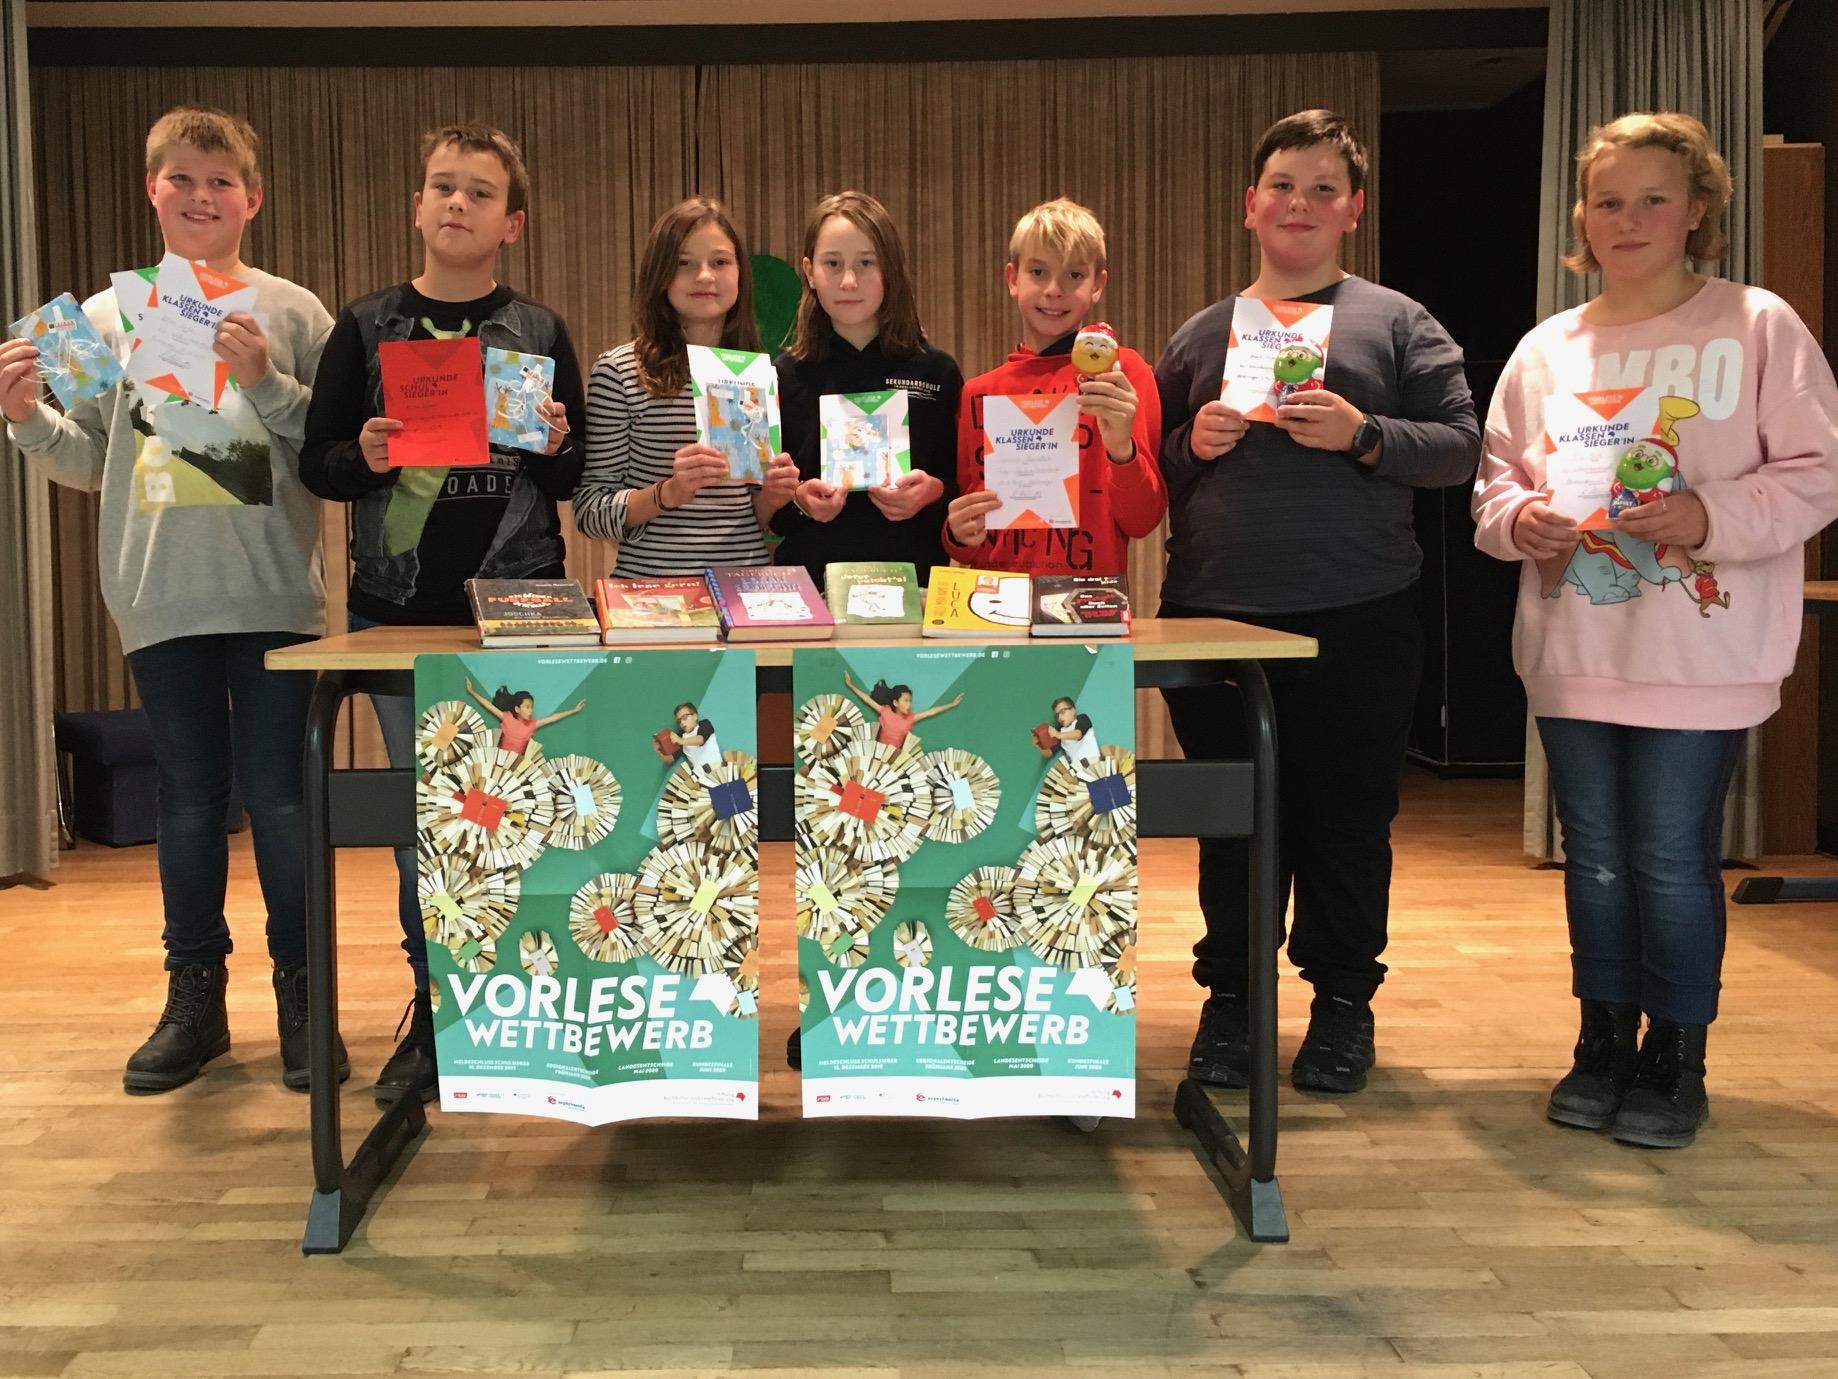 Sekundarschüler nehmen am Leseförderungs-Wettbewerb teil